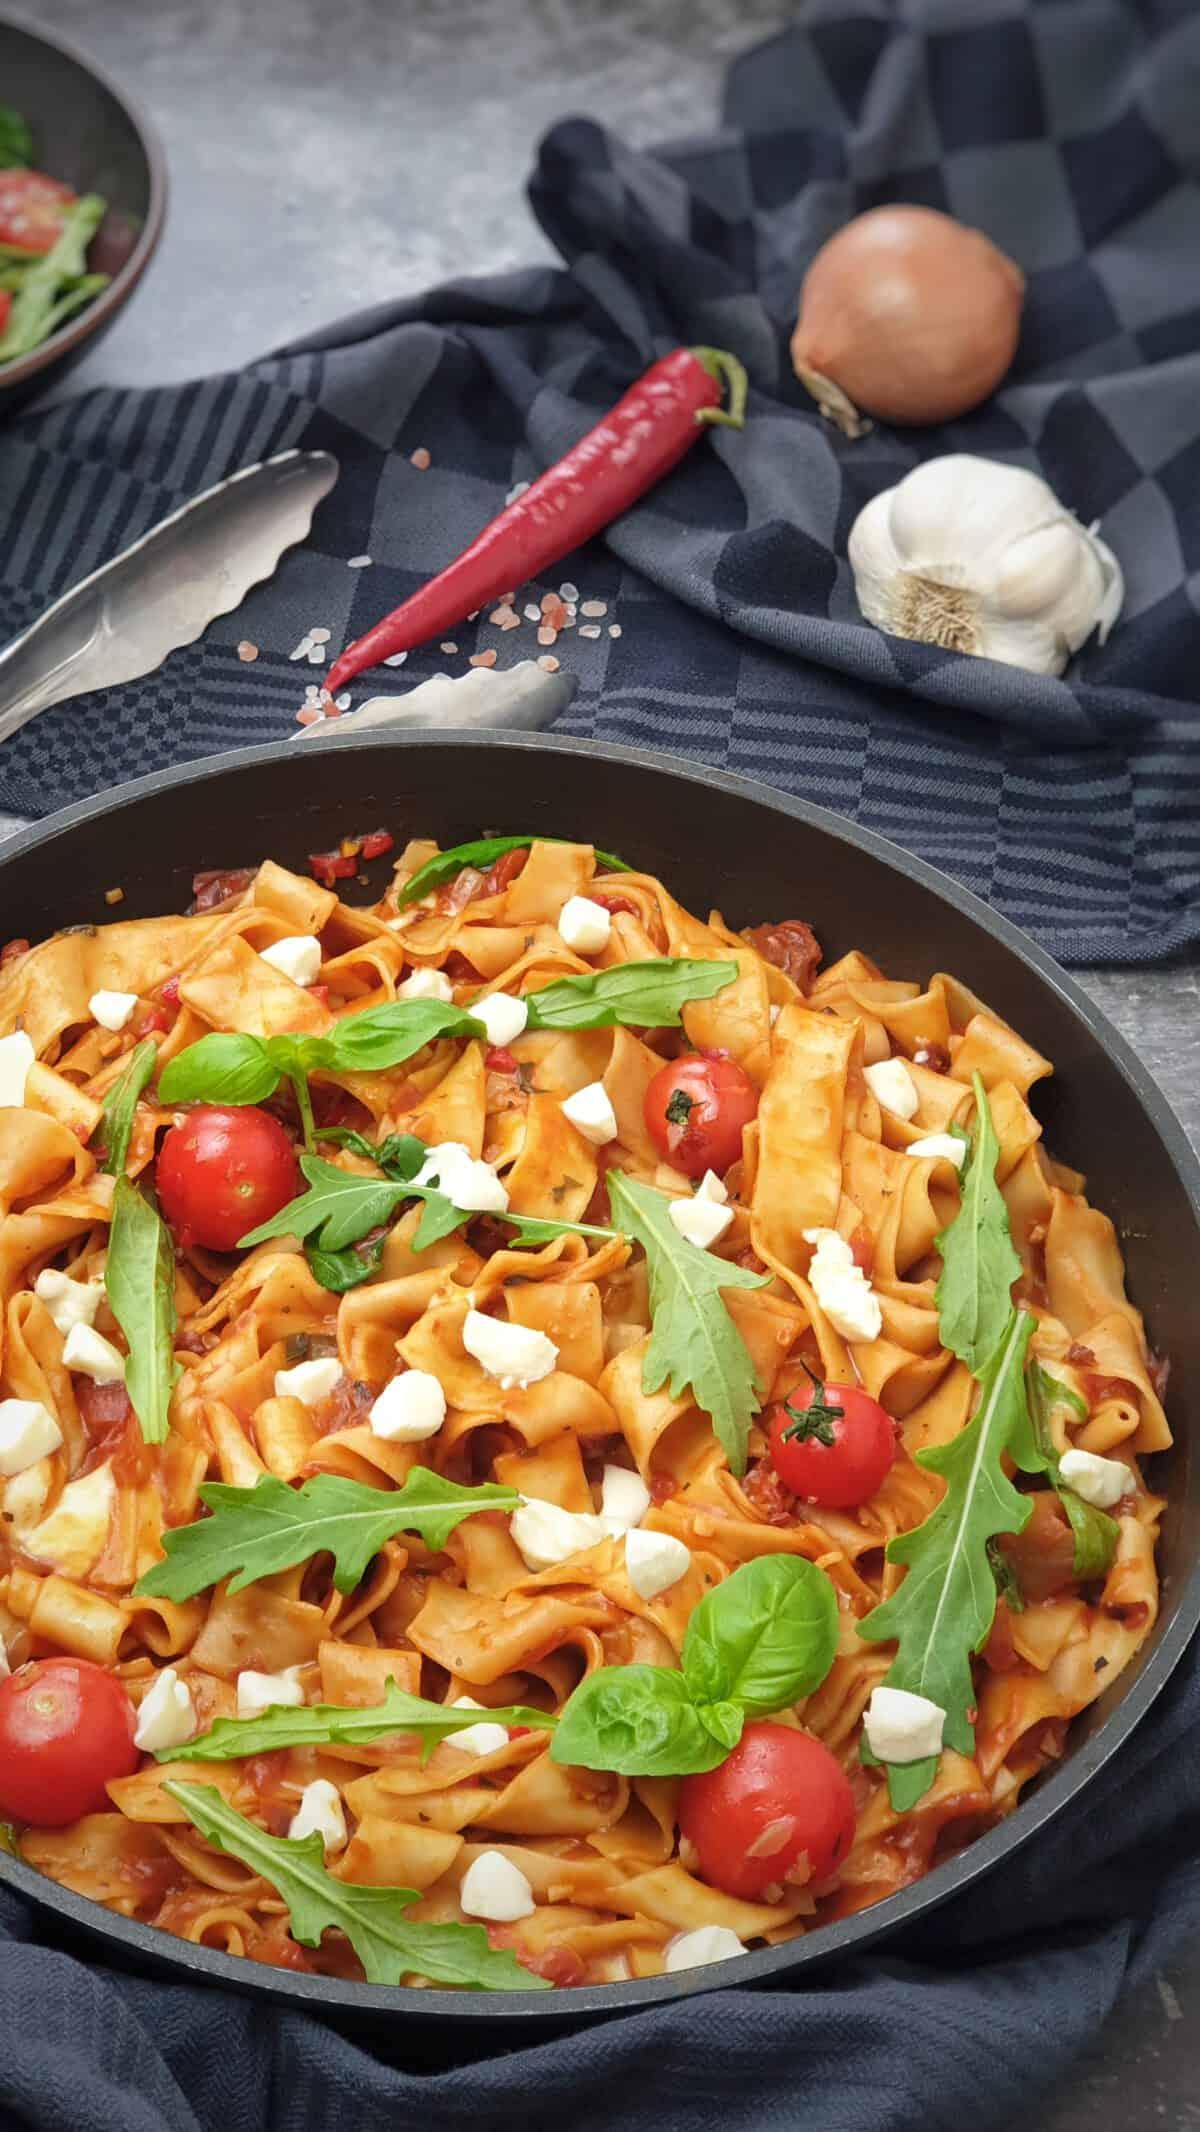 In einer Pfanne angerichtet One Pot Sommer Pasta mit Tomate, Rucola und Mozzarella.